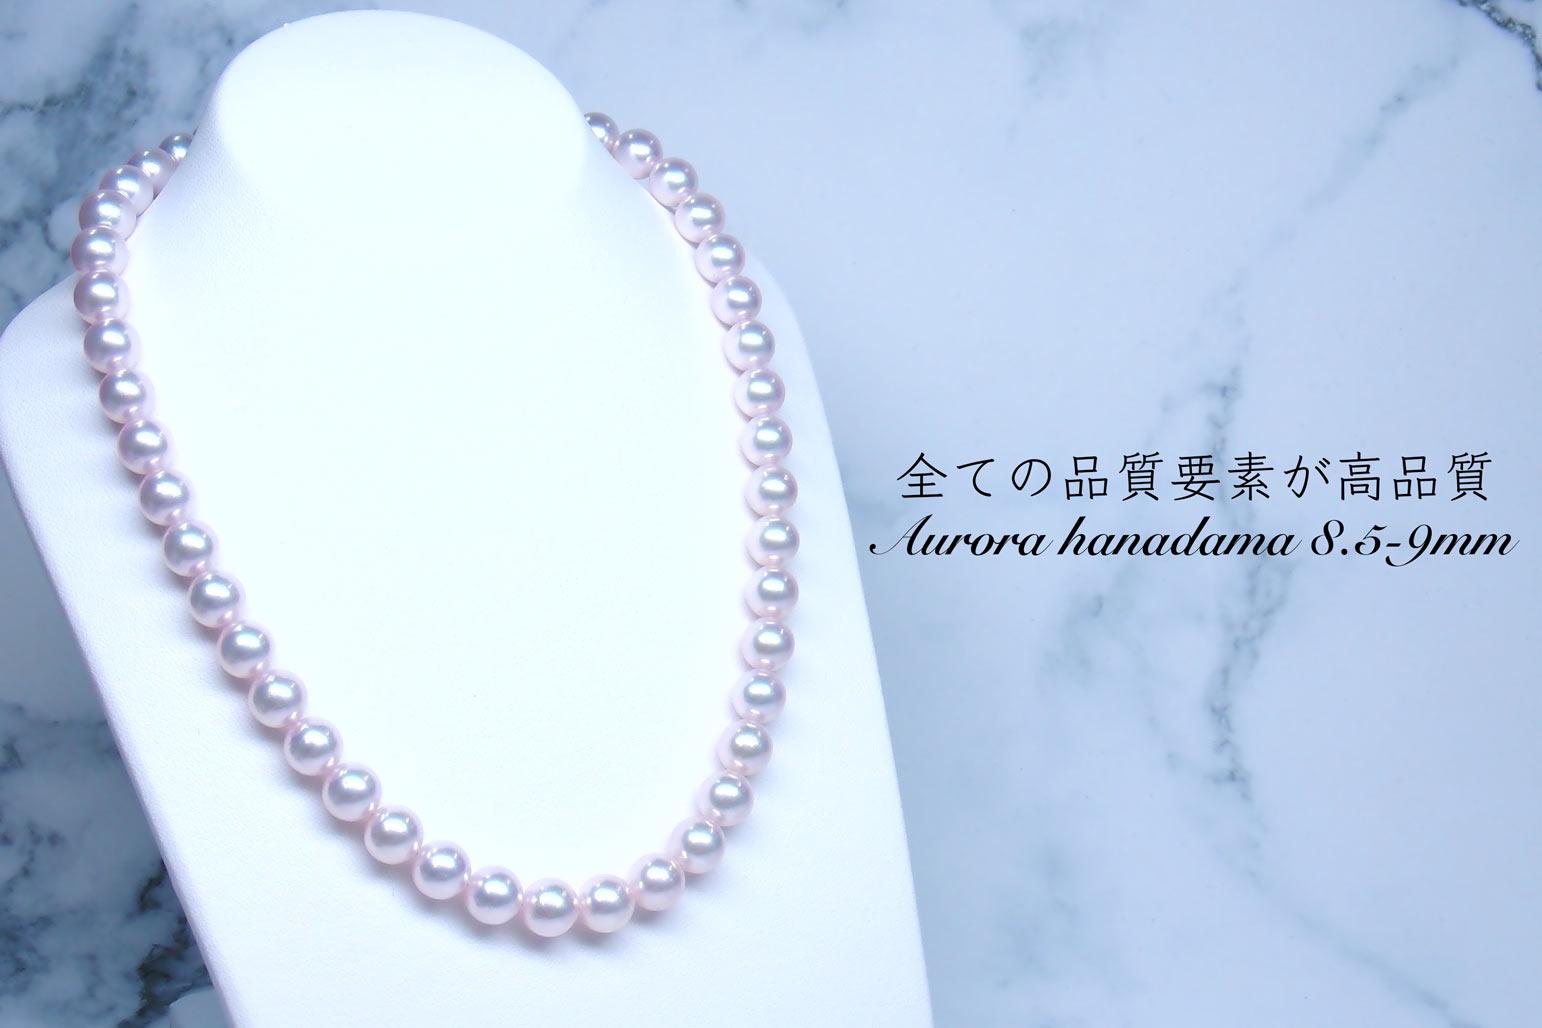 【テリ評価80点の美しさと経年変化の強さにこだわり選別】越物オーロラ花珠真珠ネックレス